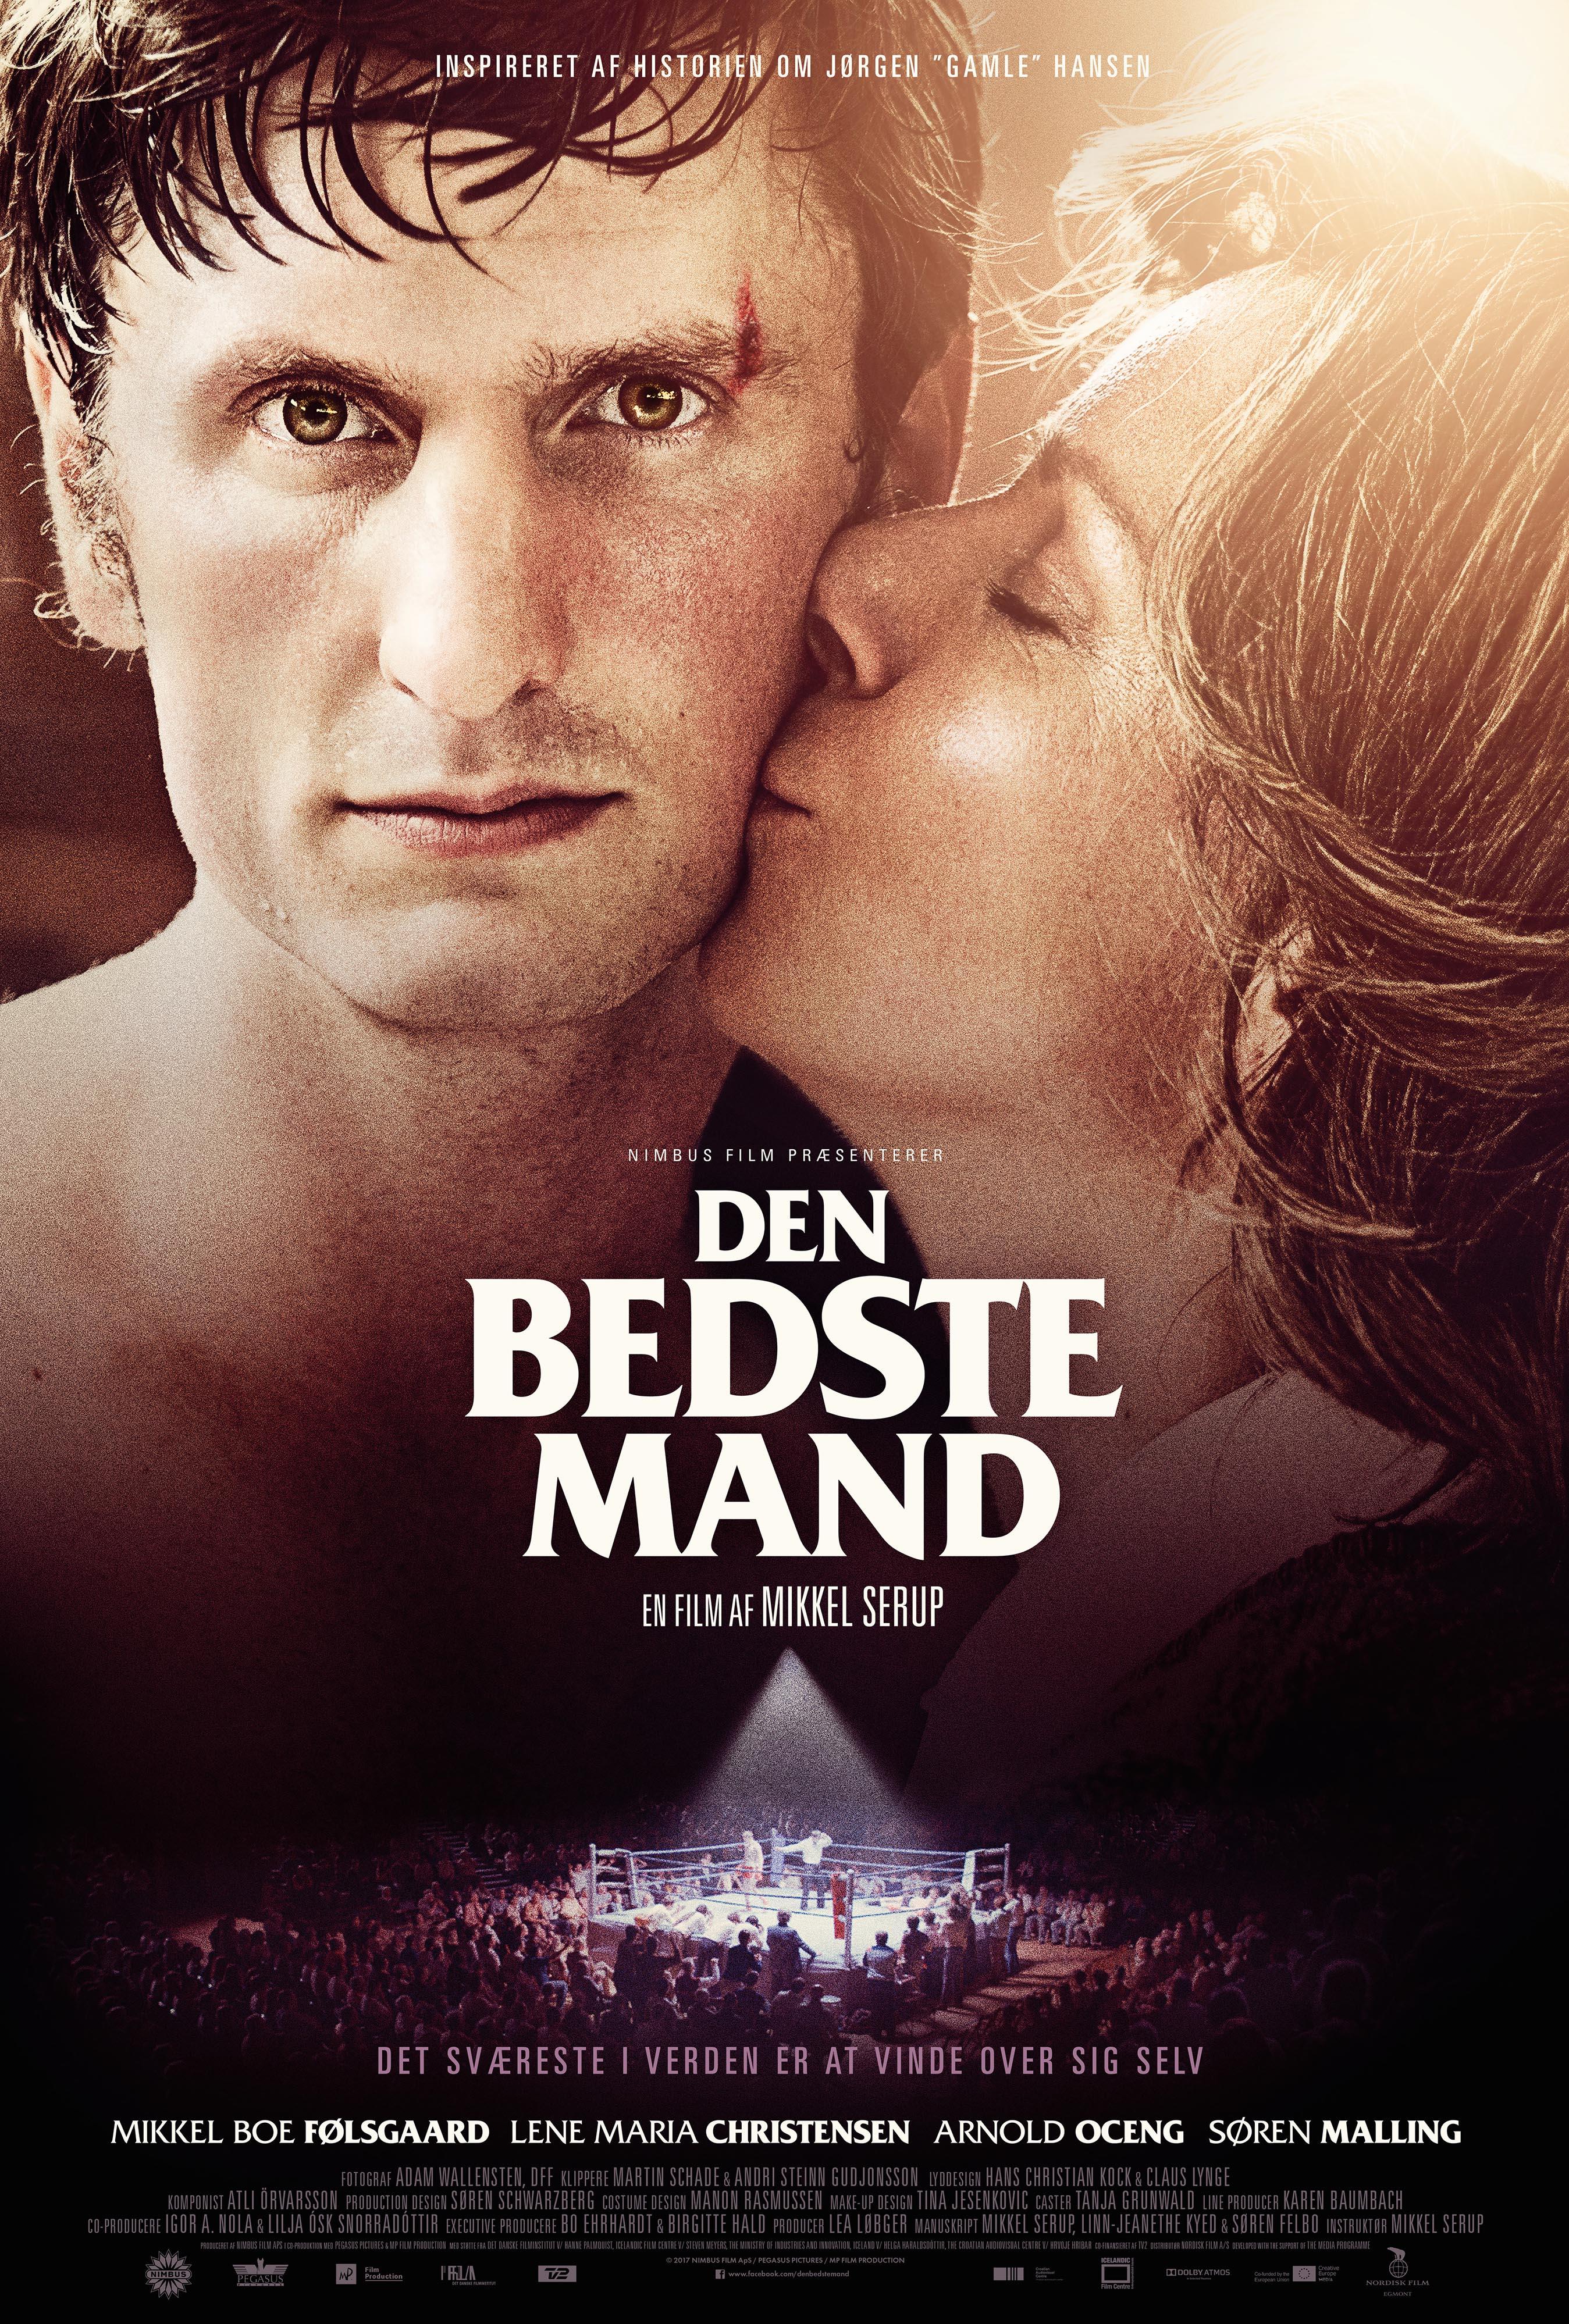 dansk drama film